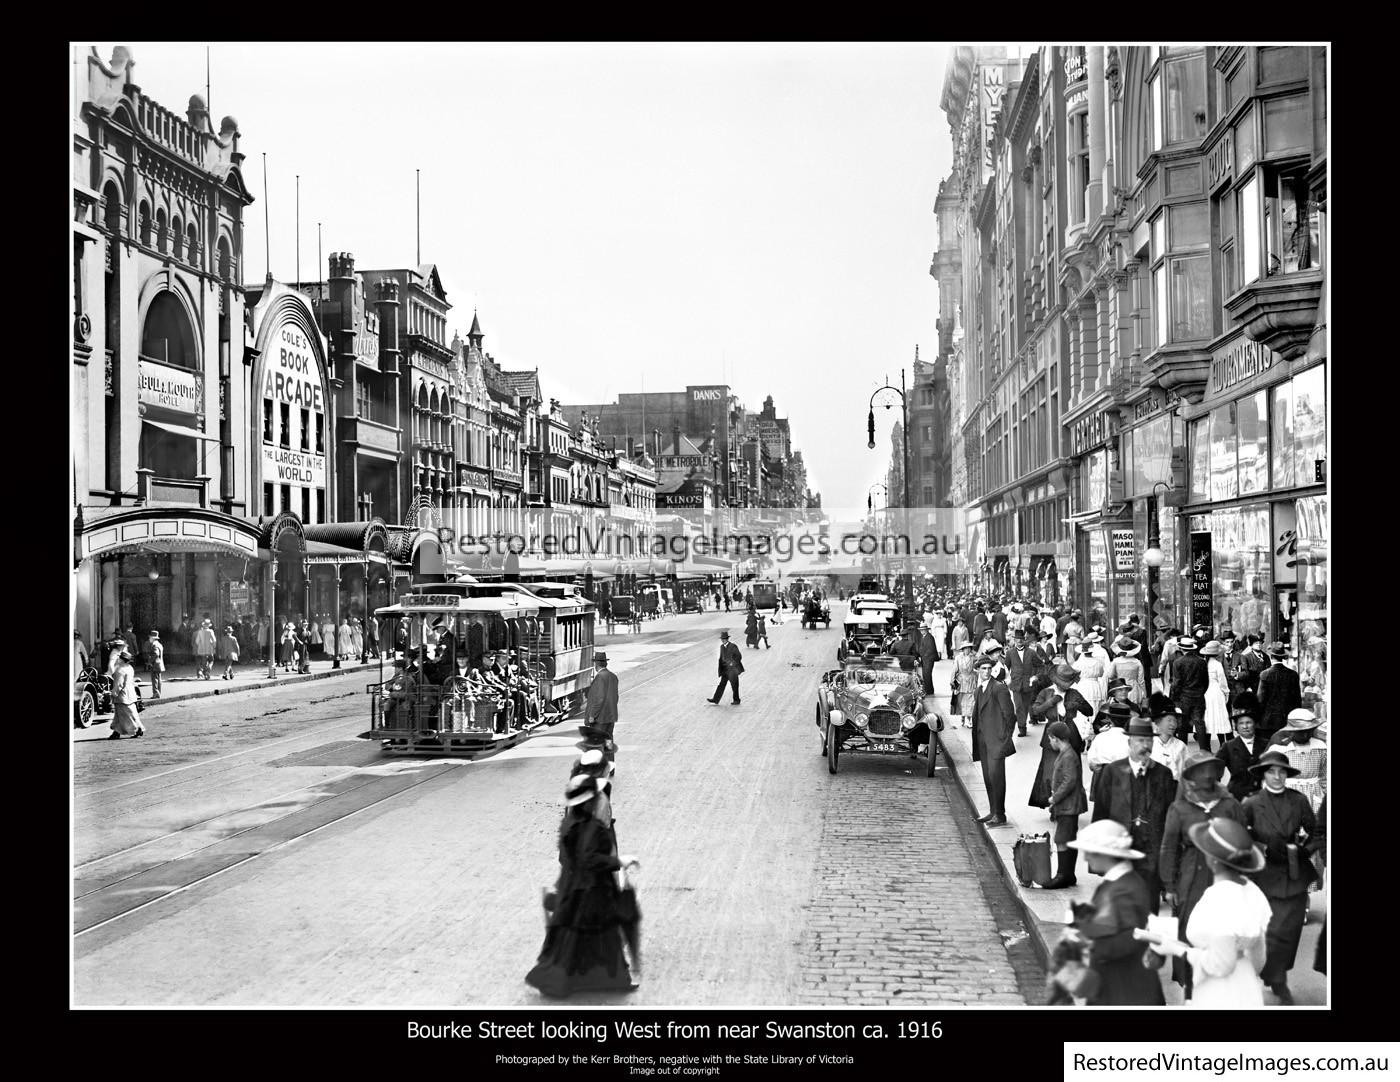 Bourke Street Looking West From Near Swanston Street Ca. 1916